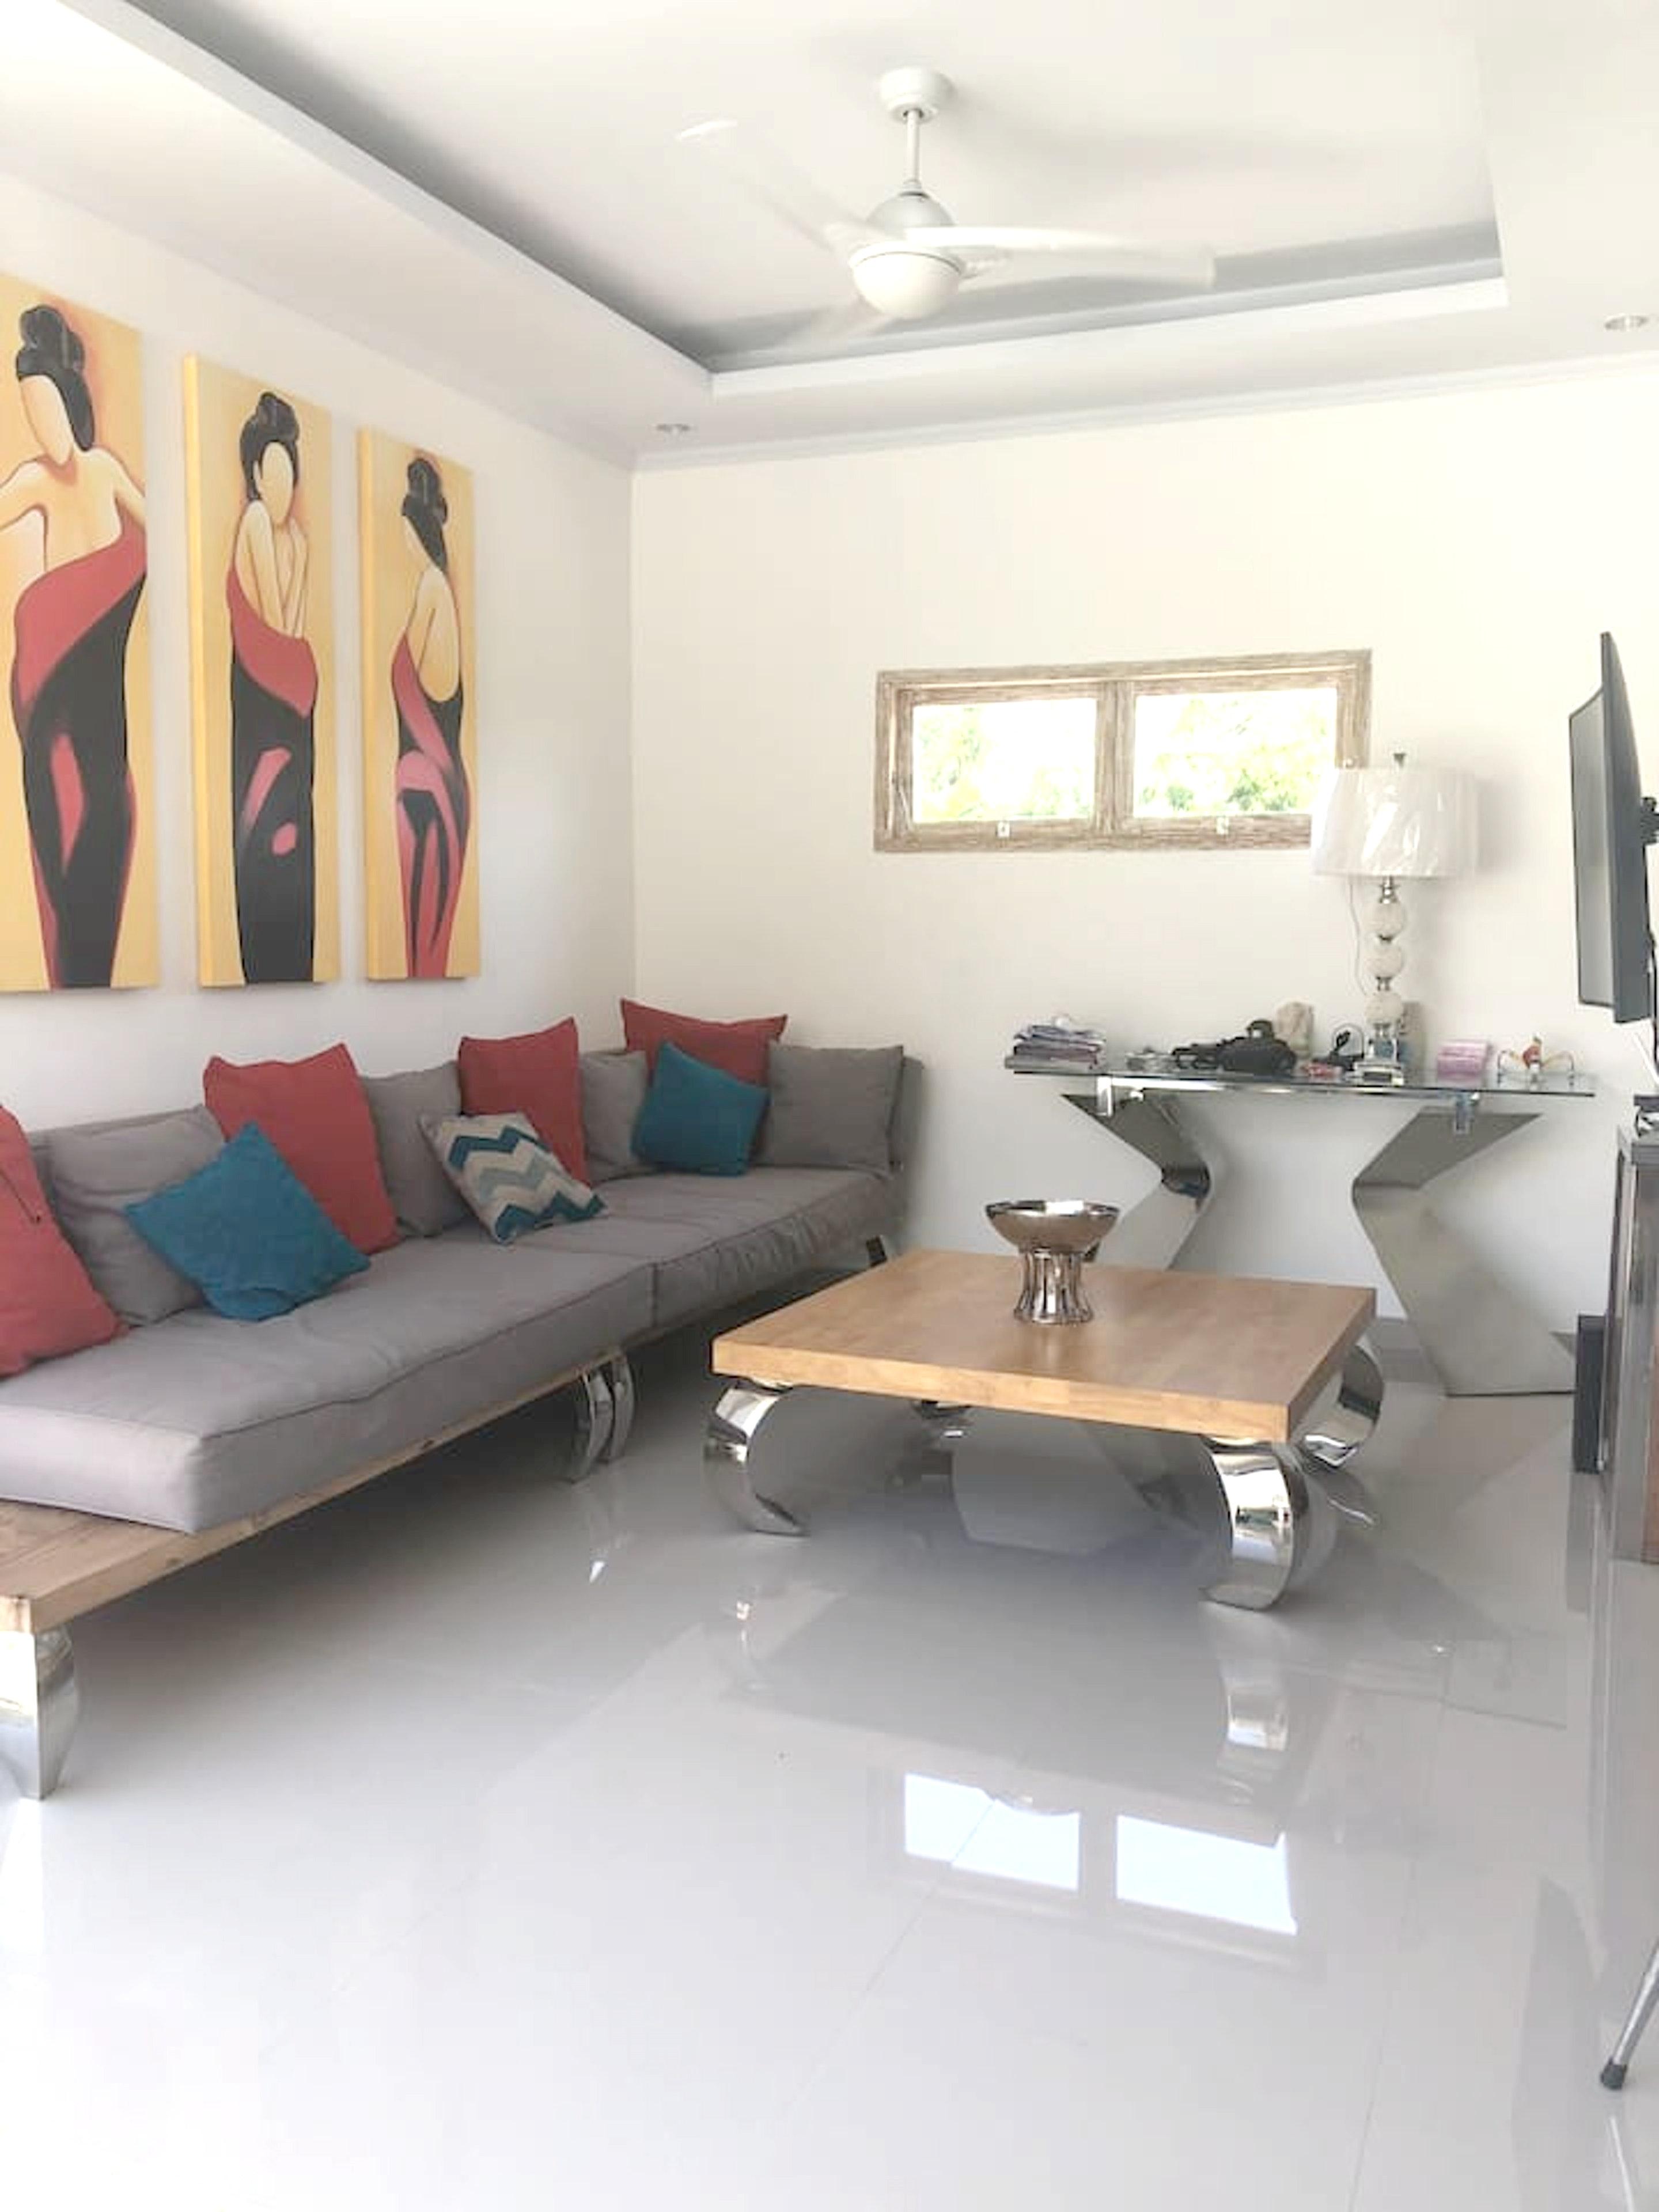 Villa mit 2 Schlafzimmern in Kabupaten Badung mit  Villa in Asien und Naher Osten